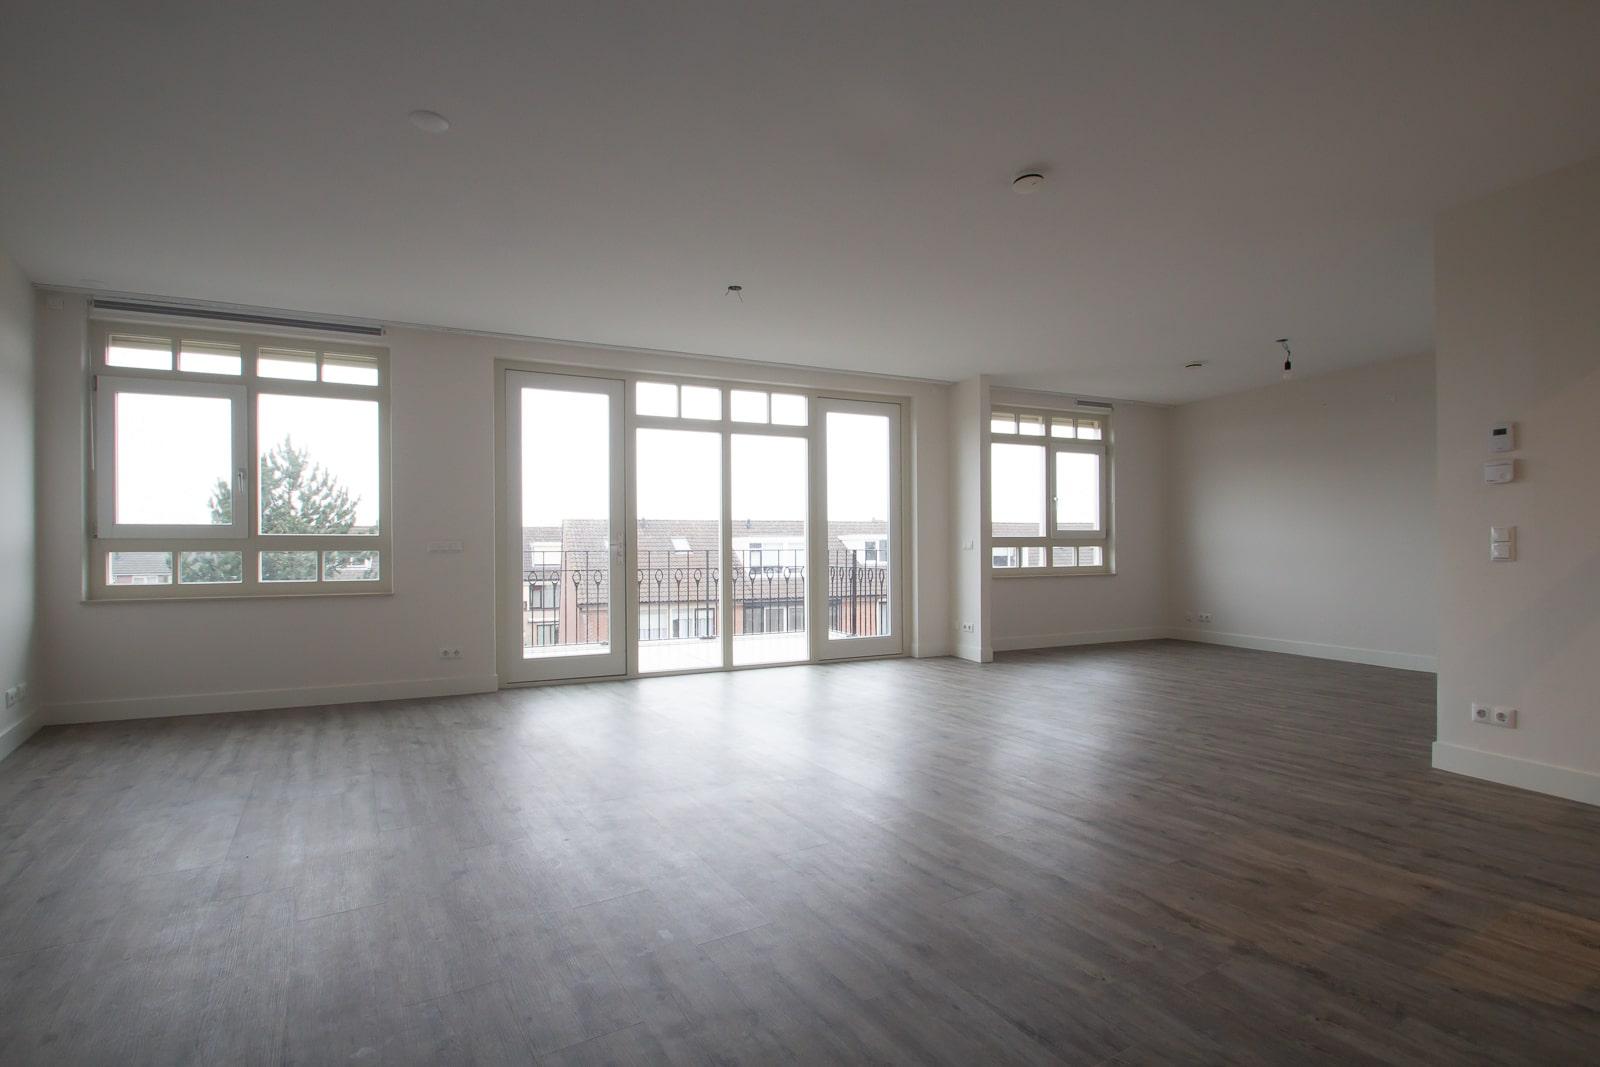 appartement-te-huur-rijnsburg-nu-beschikbaar